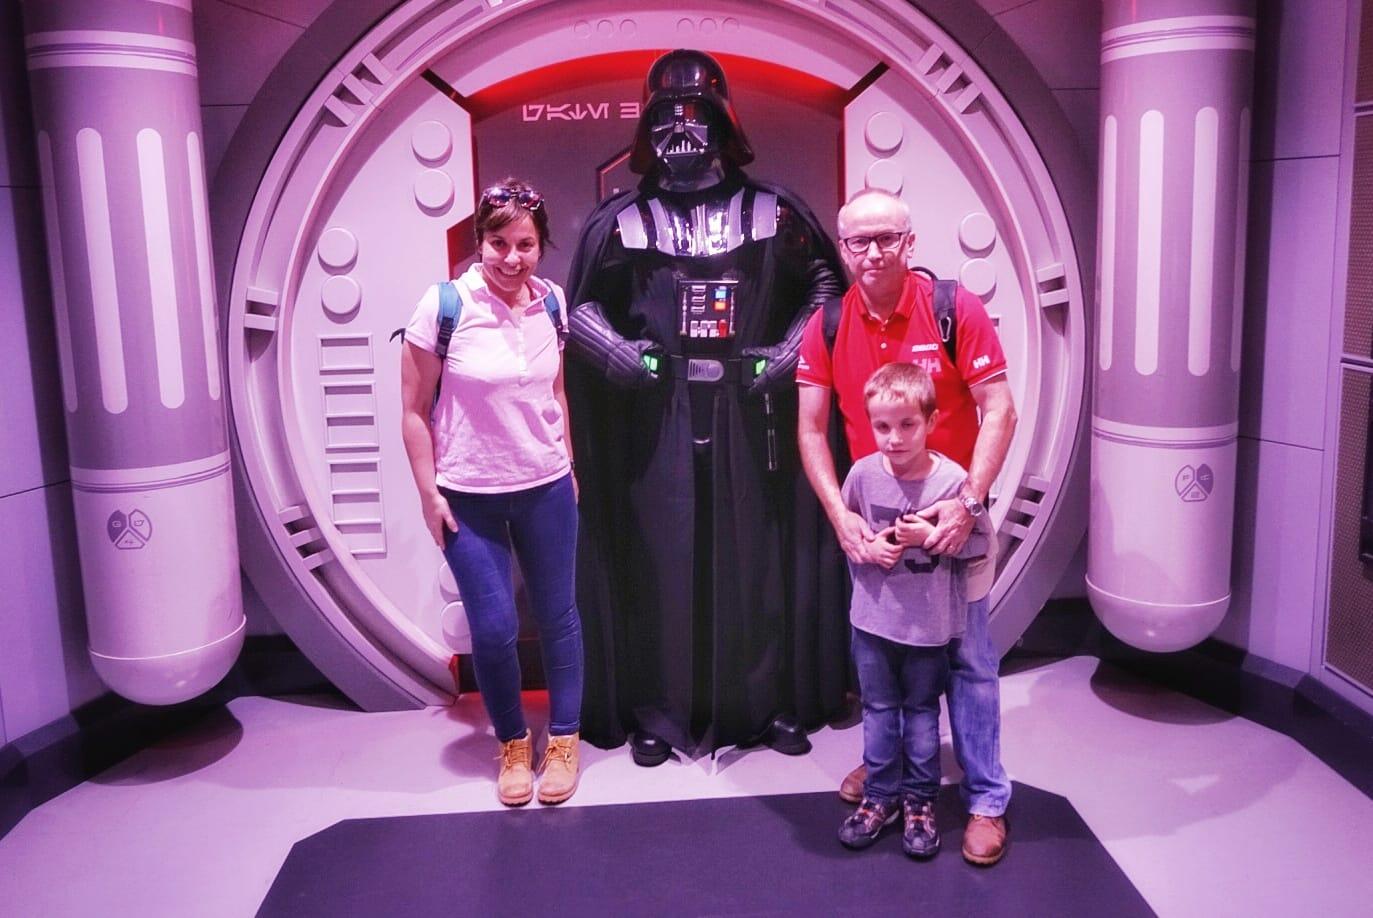 La familia con Darth Vader...no es por nada pero el personaje da miedito...